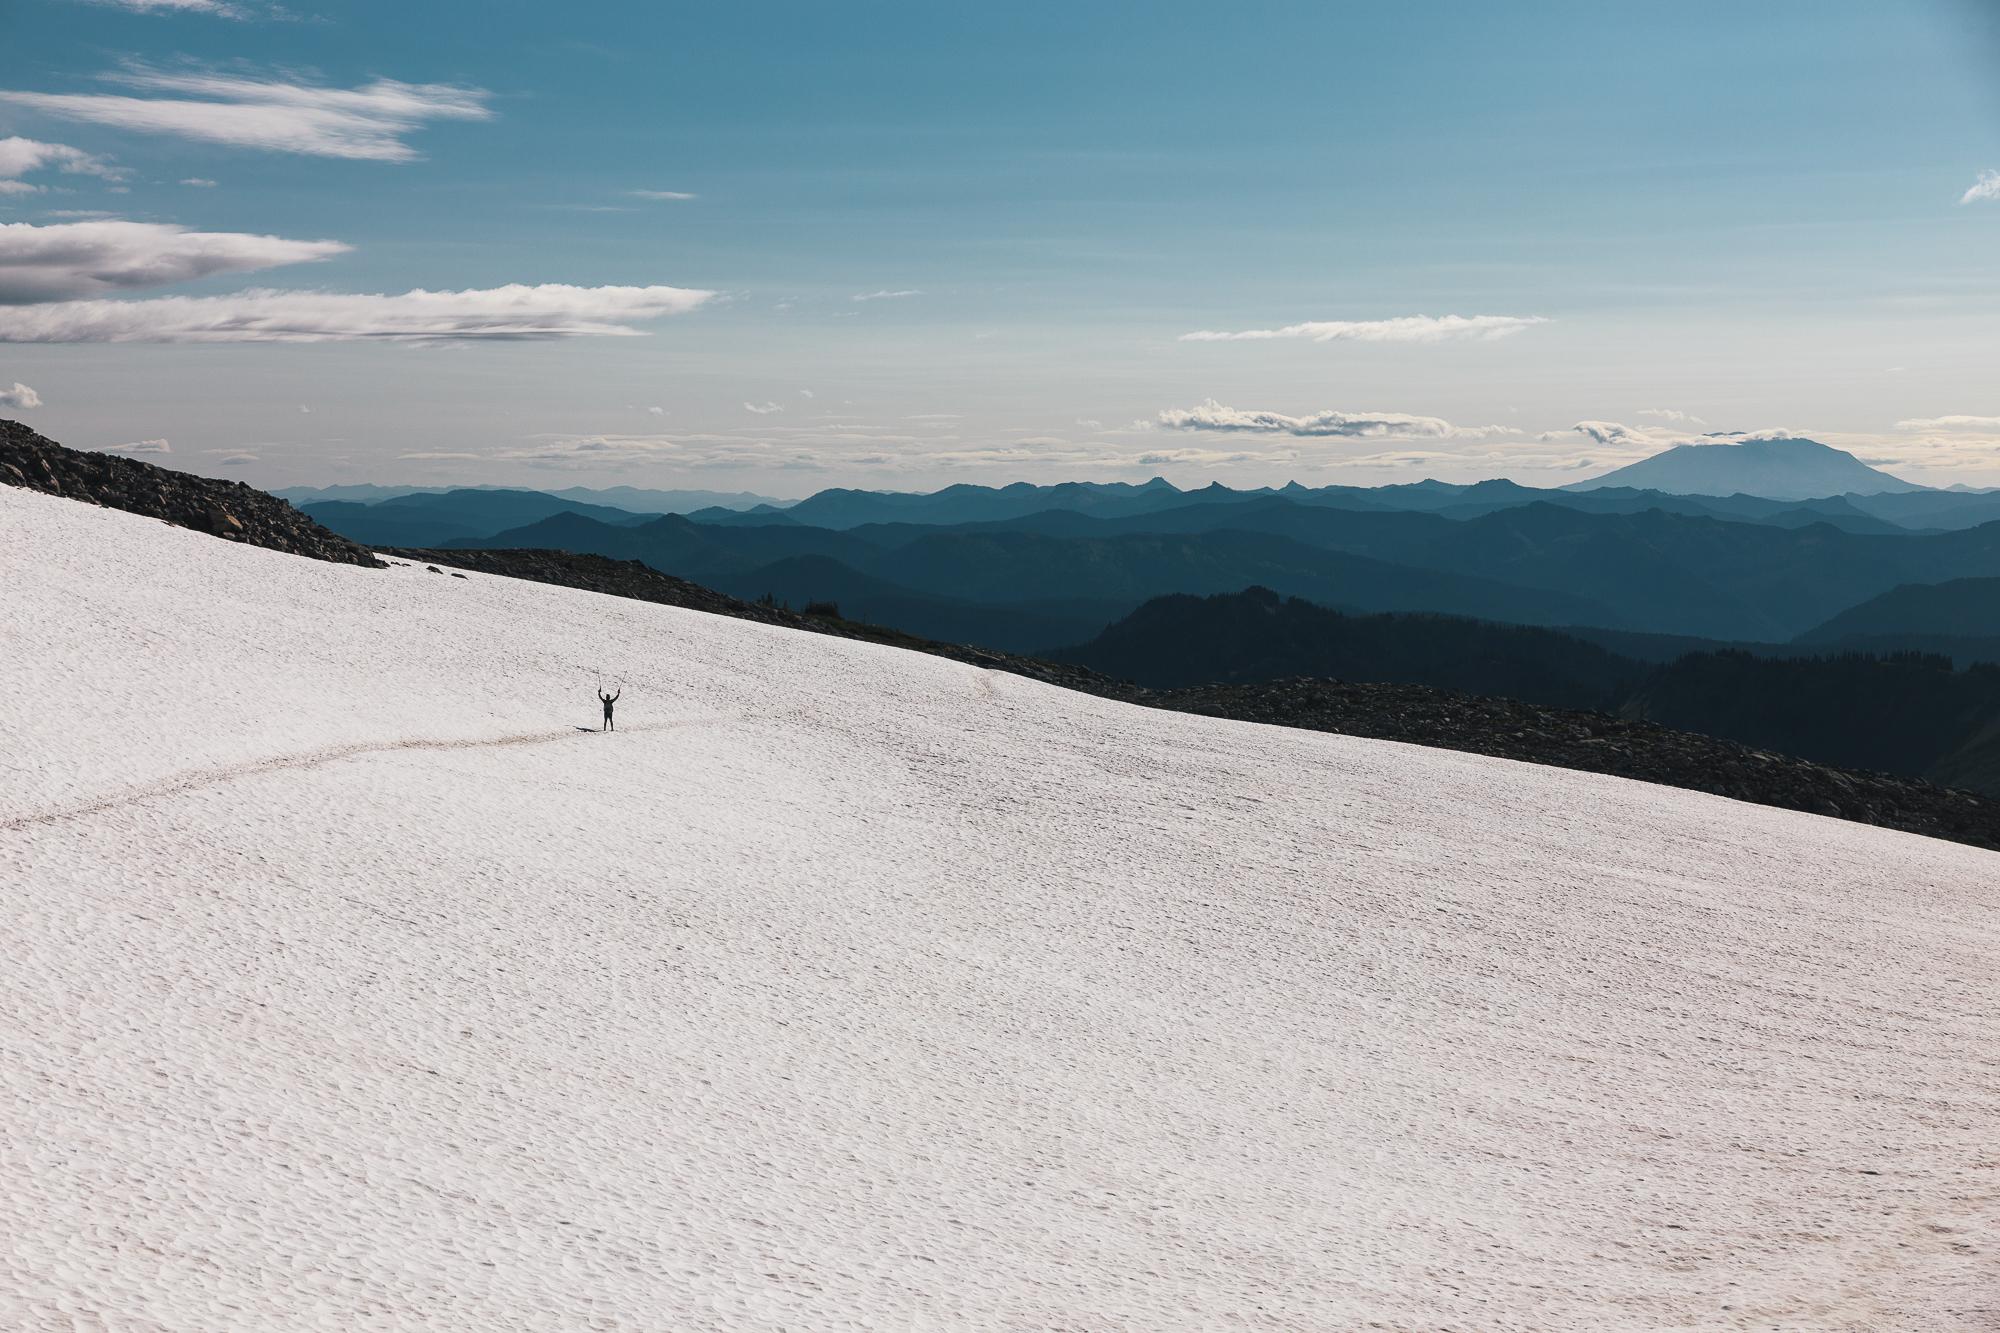 Smitty traversing a snowfield in Goat Rocks.